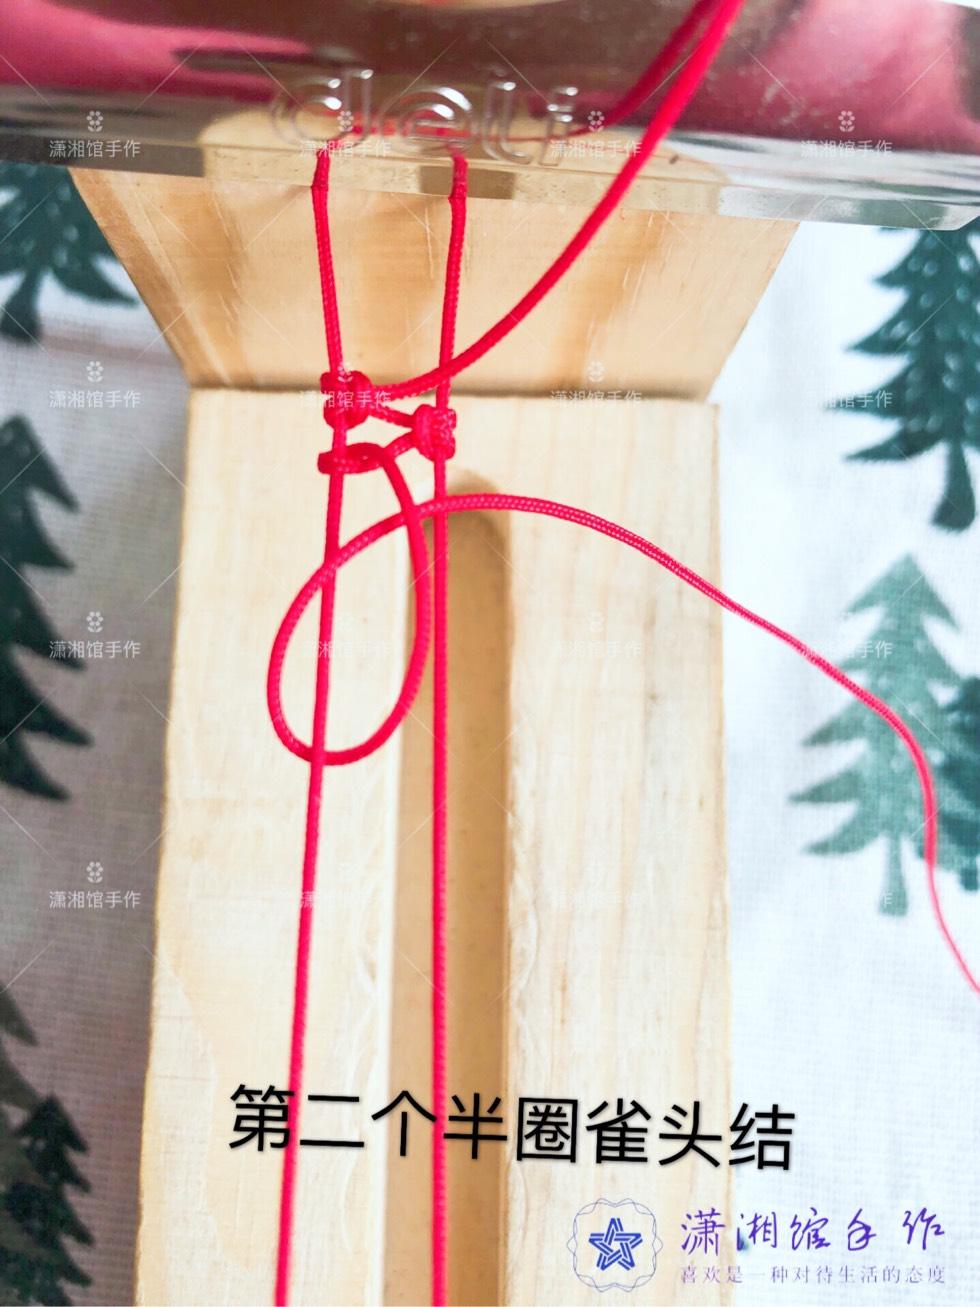 中国结论坛 硬币挂件天使翅膀钥匙扣教程  图文教程区 170035zwvlys3syiys5433